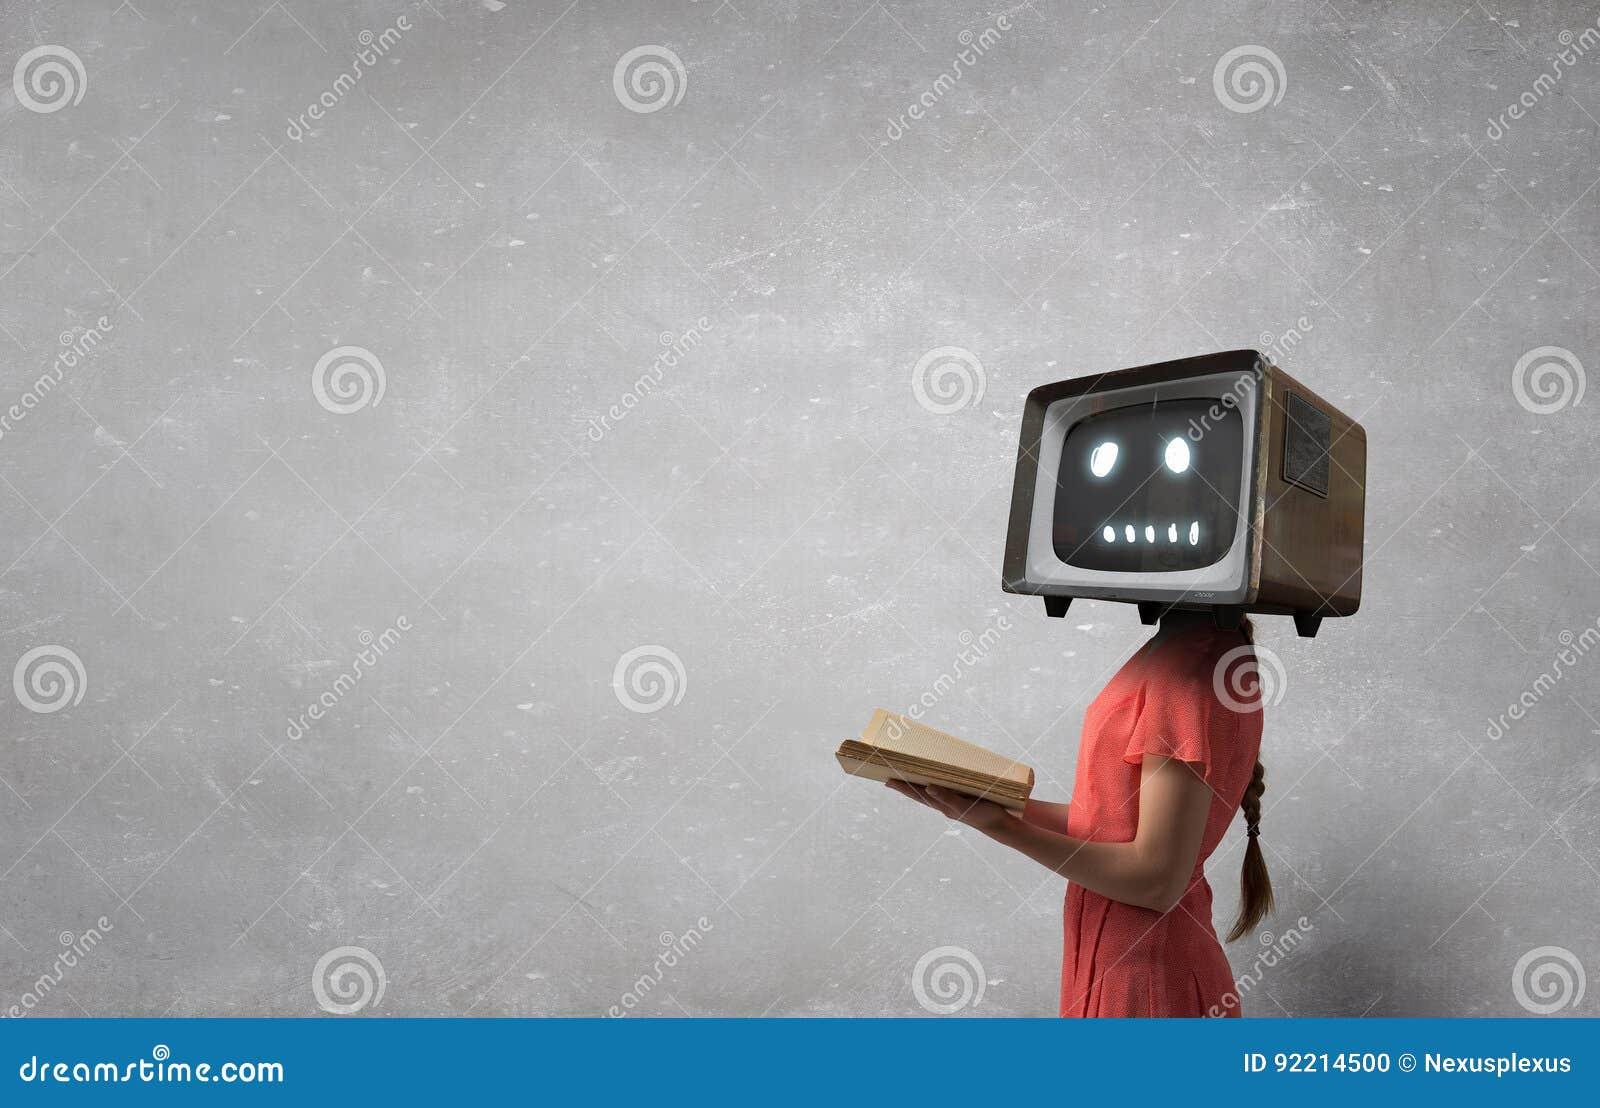 Problema del apego de la televisión Técnicas mixtas